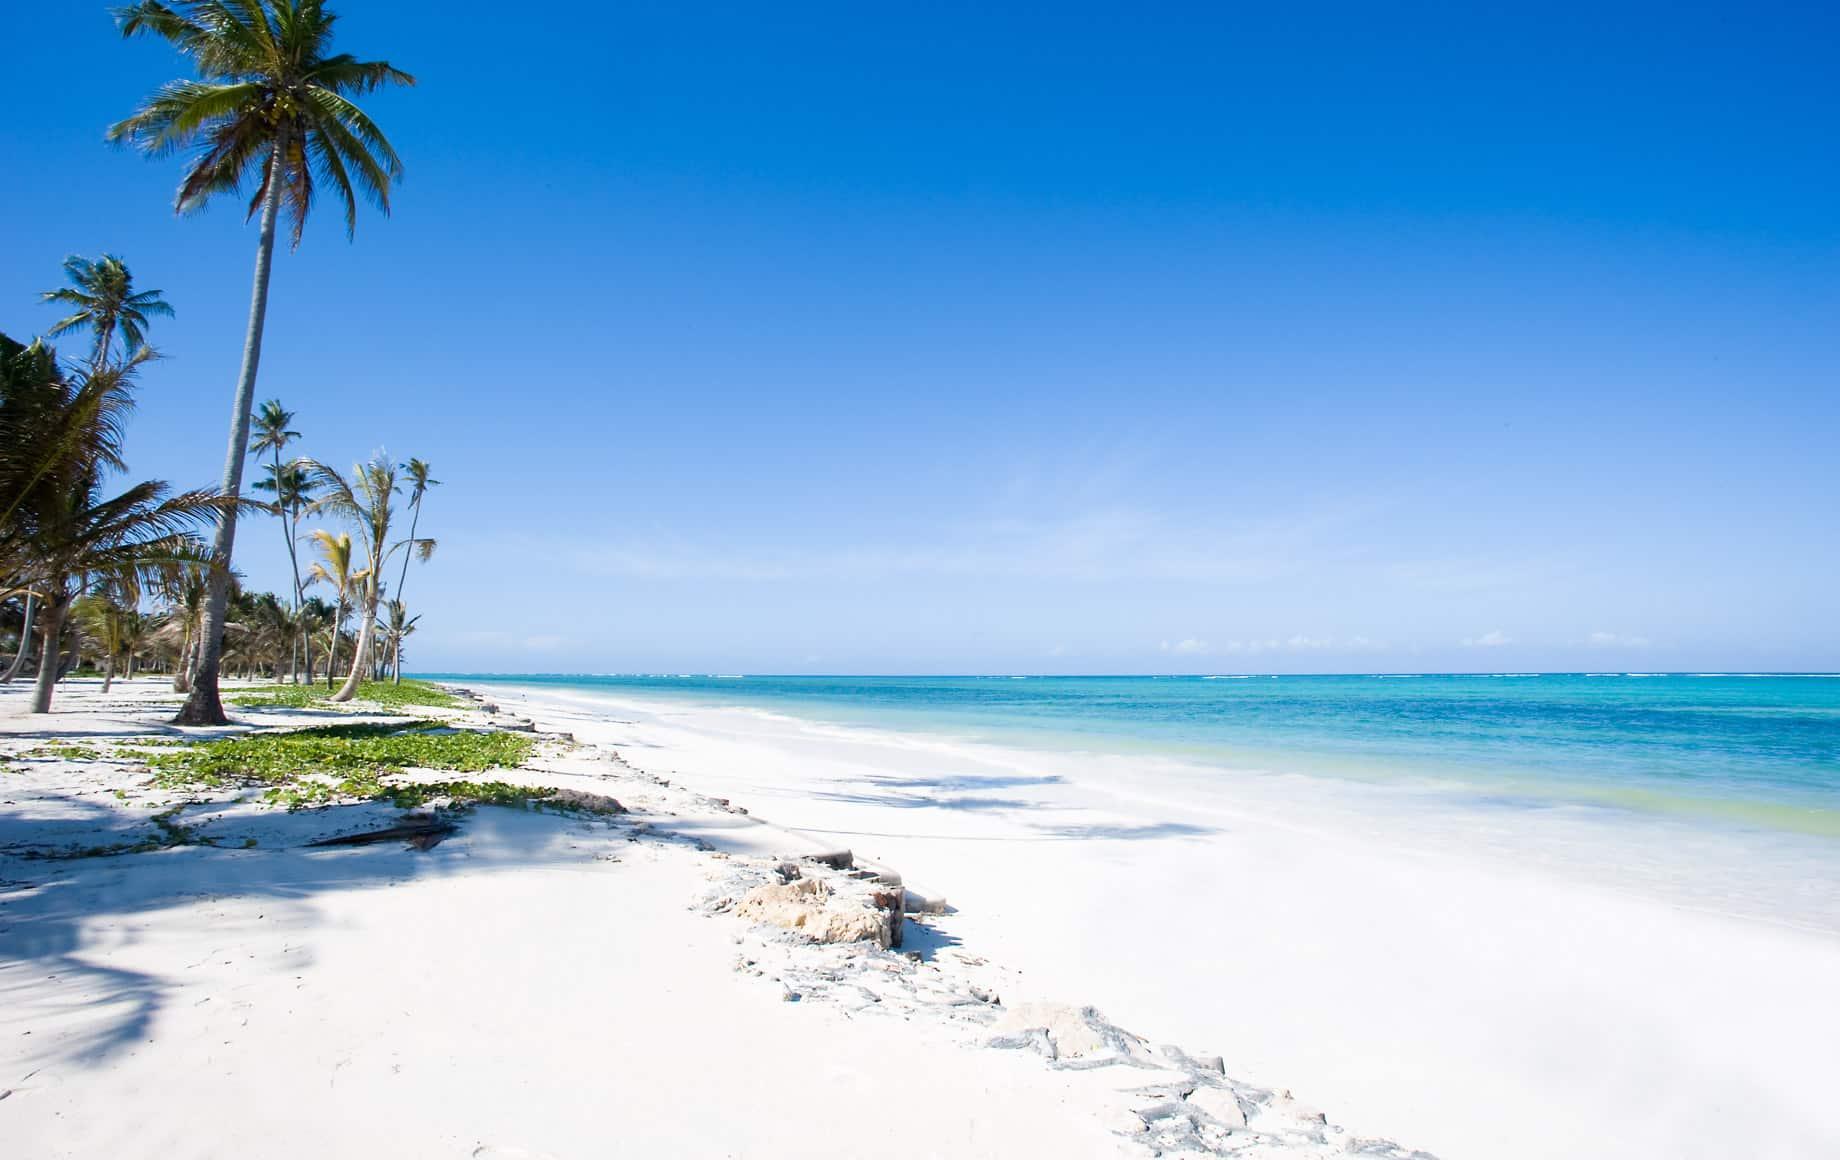 Zanzibar beach near Baraza Resort & Spa